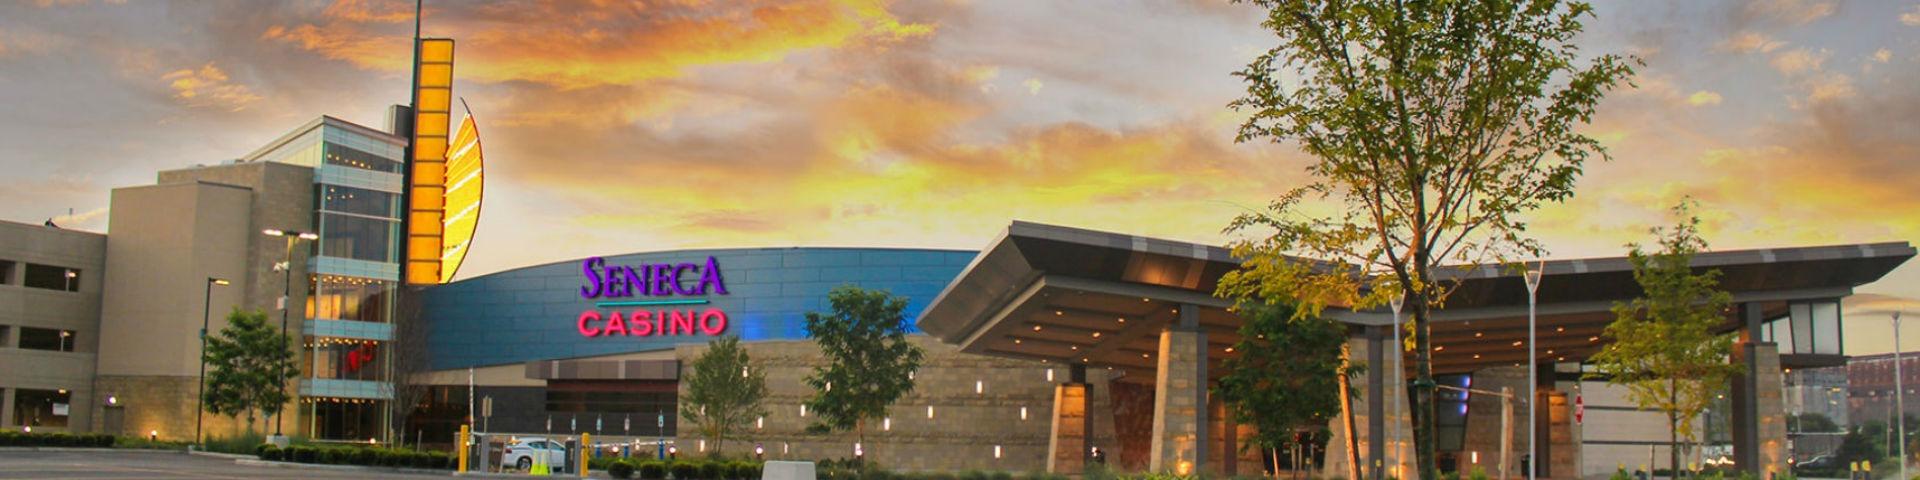 Kambi установит беттинговую платформу в казино Seneca Gaming Corporation